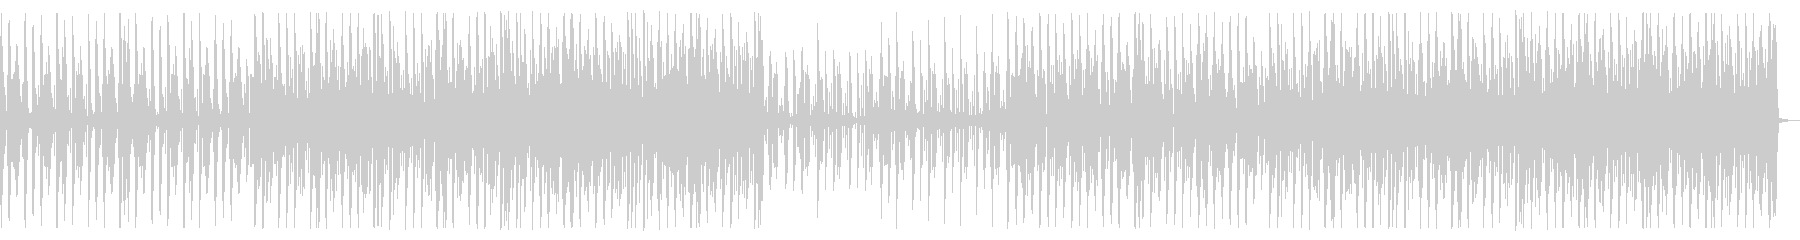 淡白な雰囲気のハウス_No539の未再生の波形